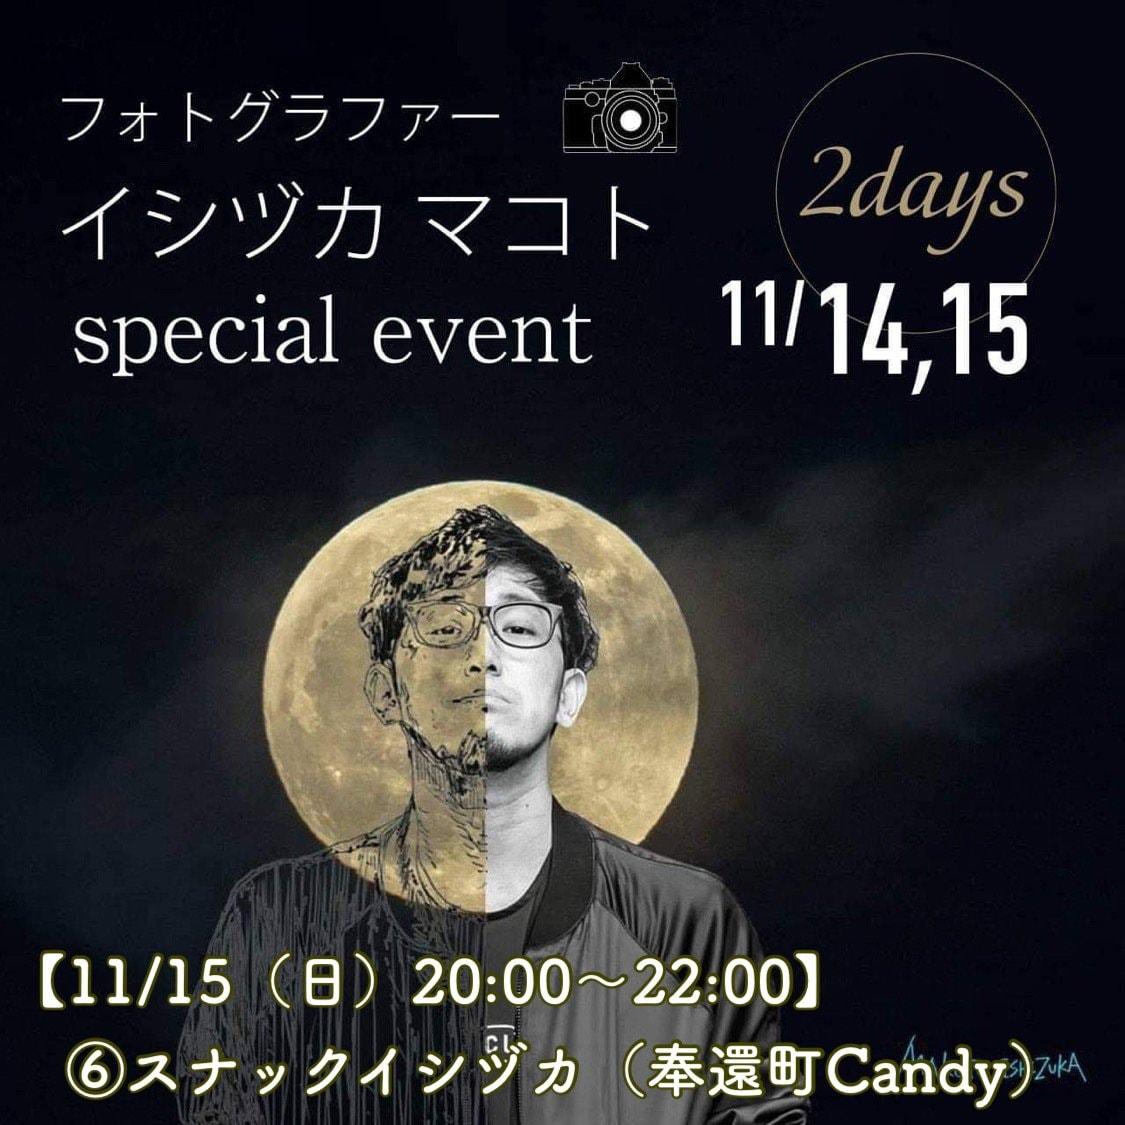 【11/15(日)20:00〜22:00】⑥スナックイシヅカ(奉還町Candy)のイメージその1